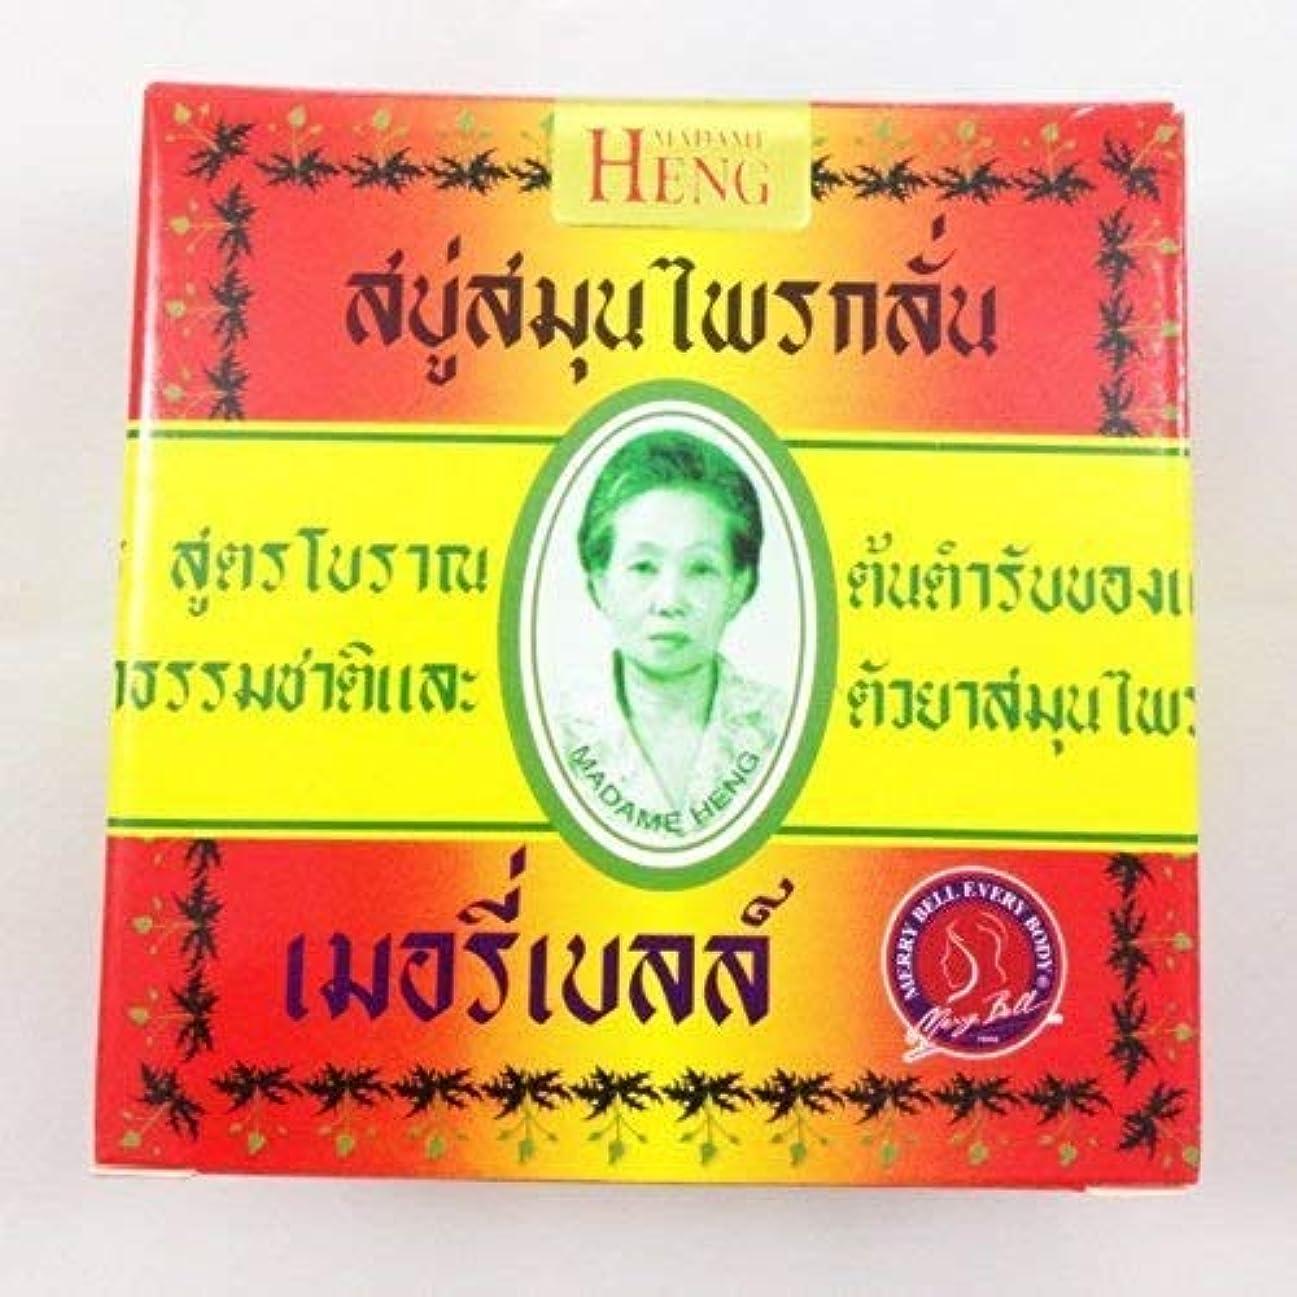 学部長ナットハングMadame Heng Thai Original Natural Herbal Soap Bar Made in Thailand 160gx2pcs by Ni Yom Thai shop